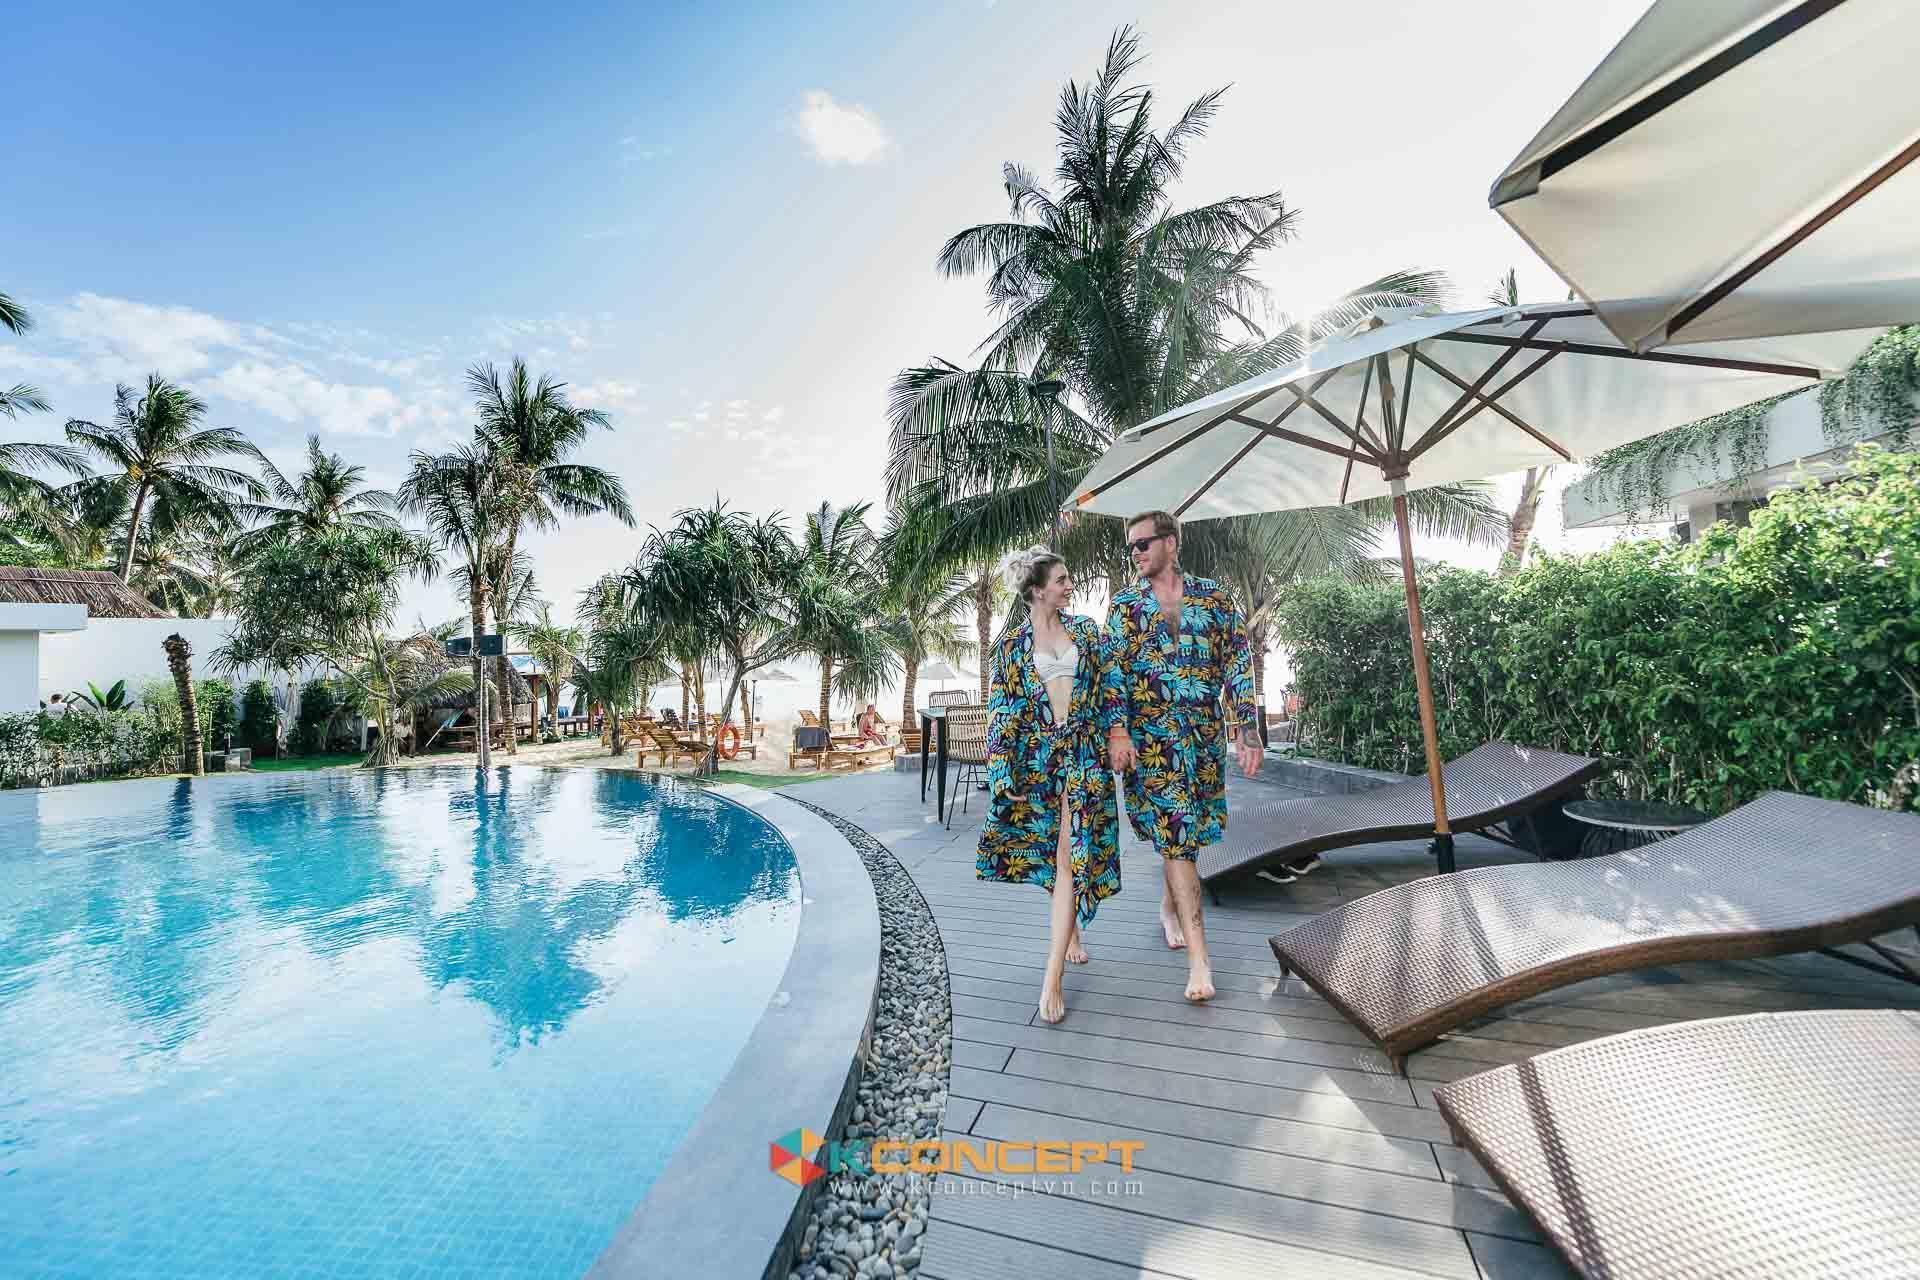 DỰ ÁN CHỤP ẢNH KHÁCH SẠN sunset beach RESORT & Spa PHÚ QUỐC